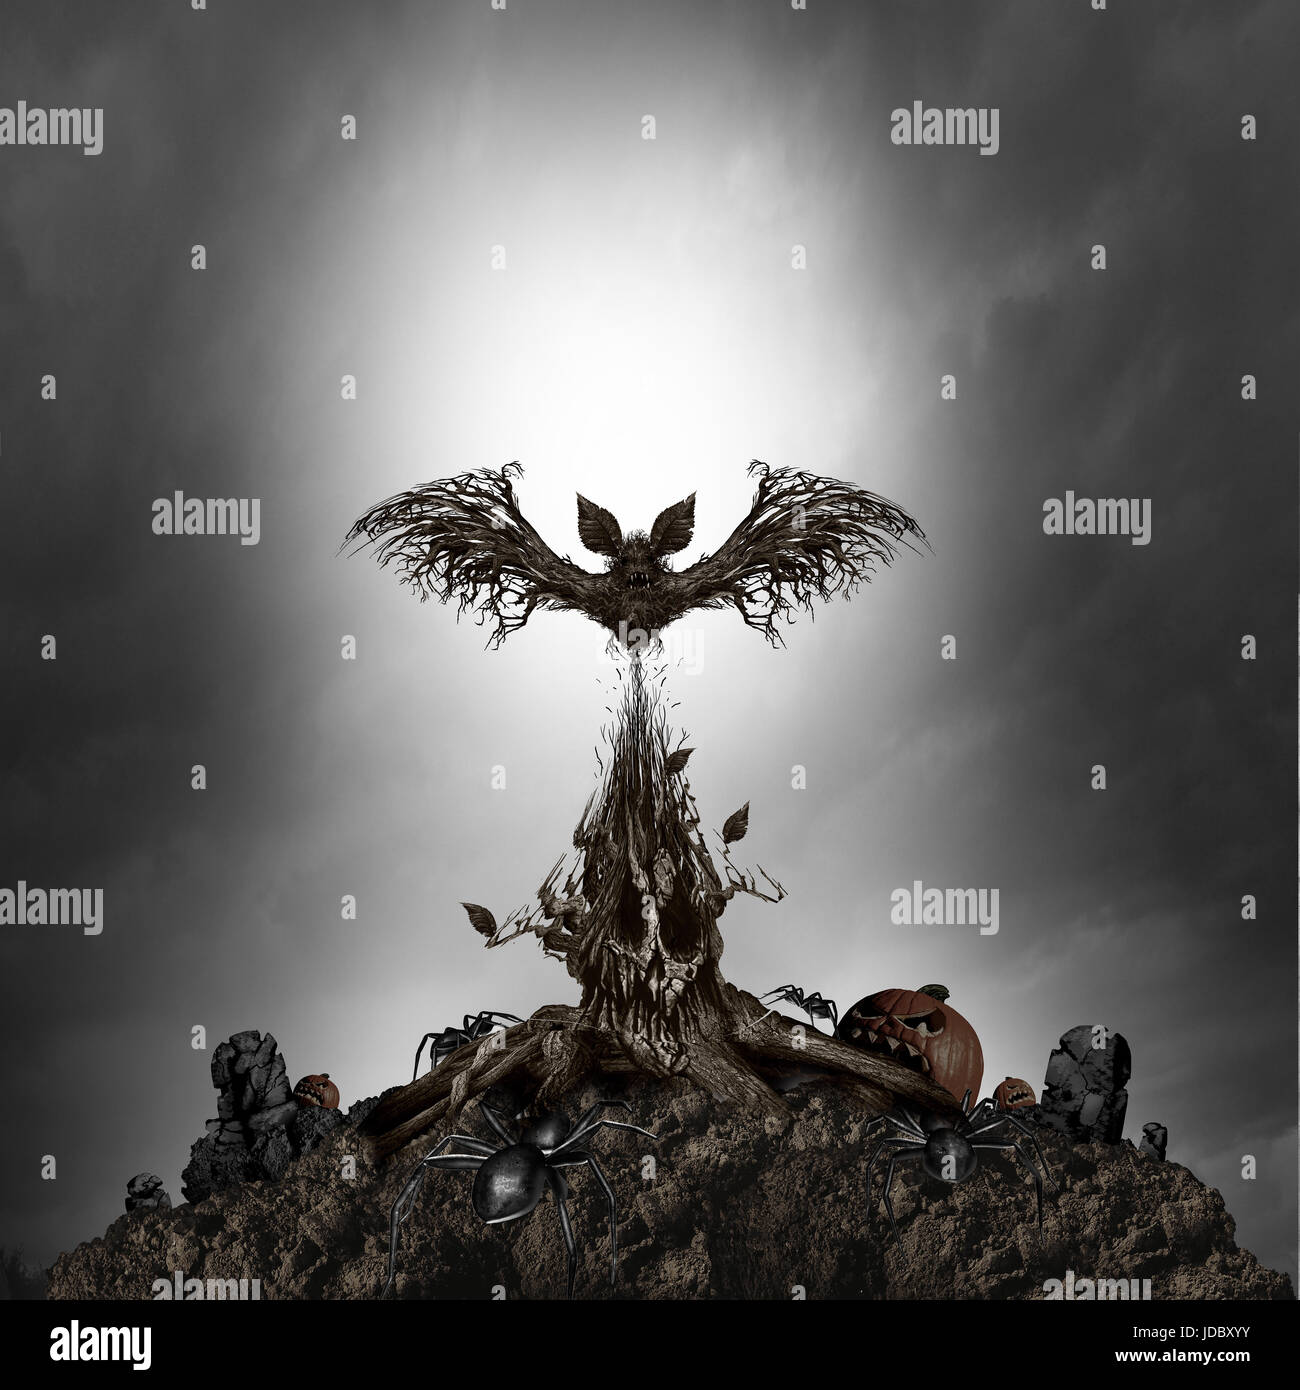 Arbre généalogique scary monster concept comme une nuit obscure creepy scène d'horreur avec une Photo Stock